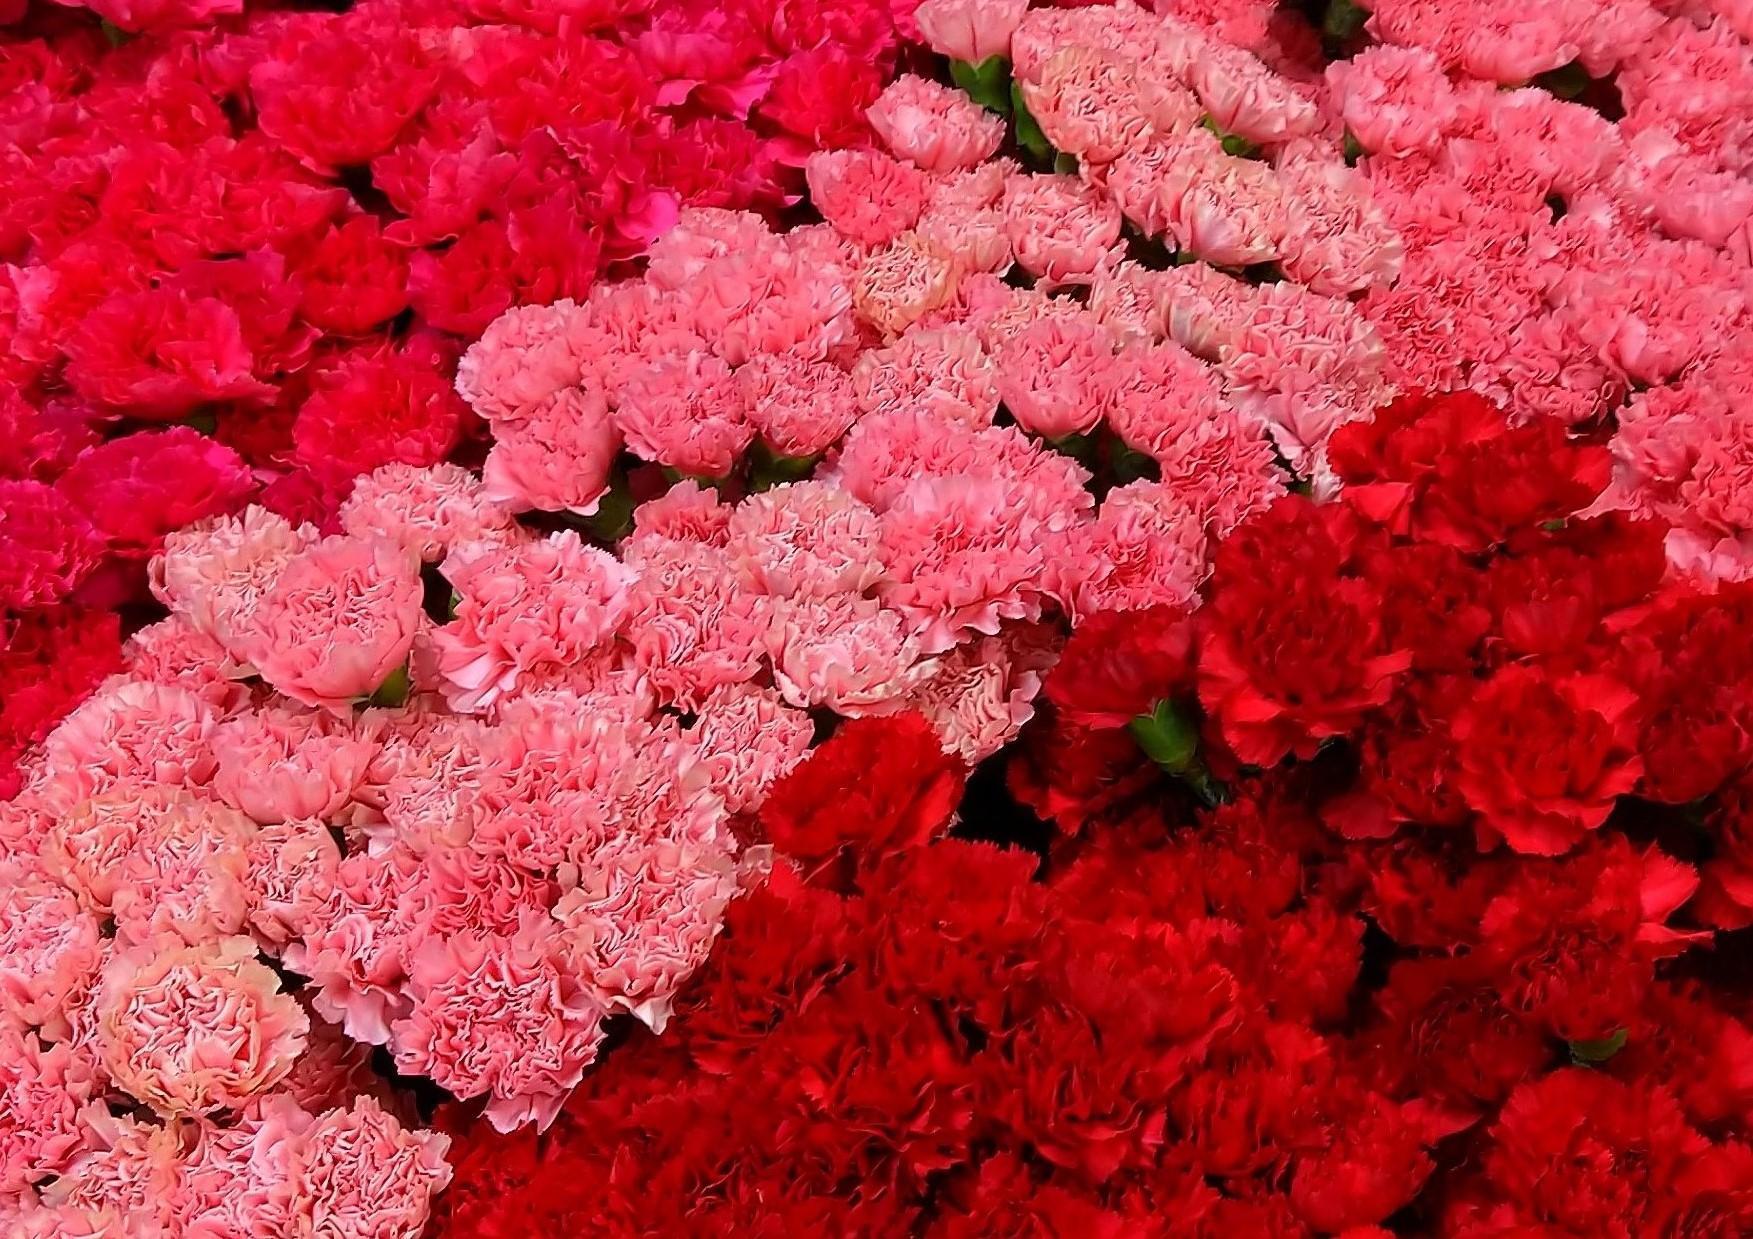 生花商品・胡蝶蘭・観葉植物の配達・納品作業